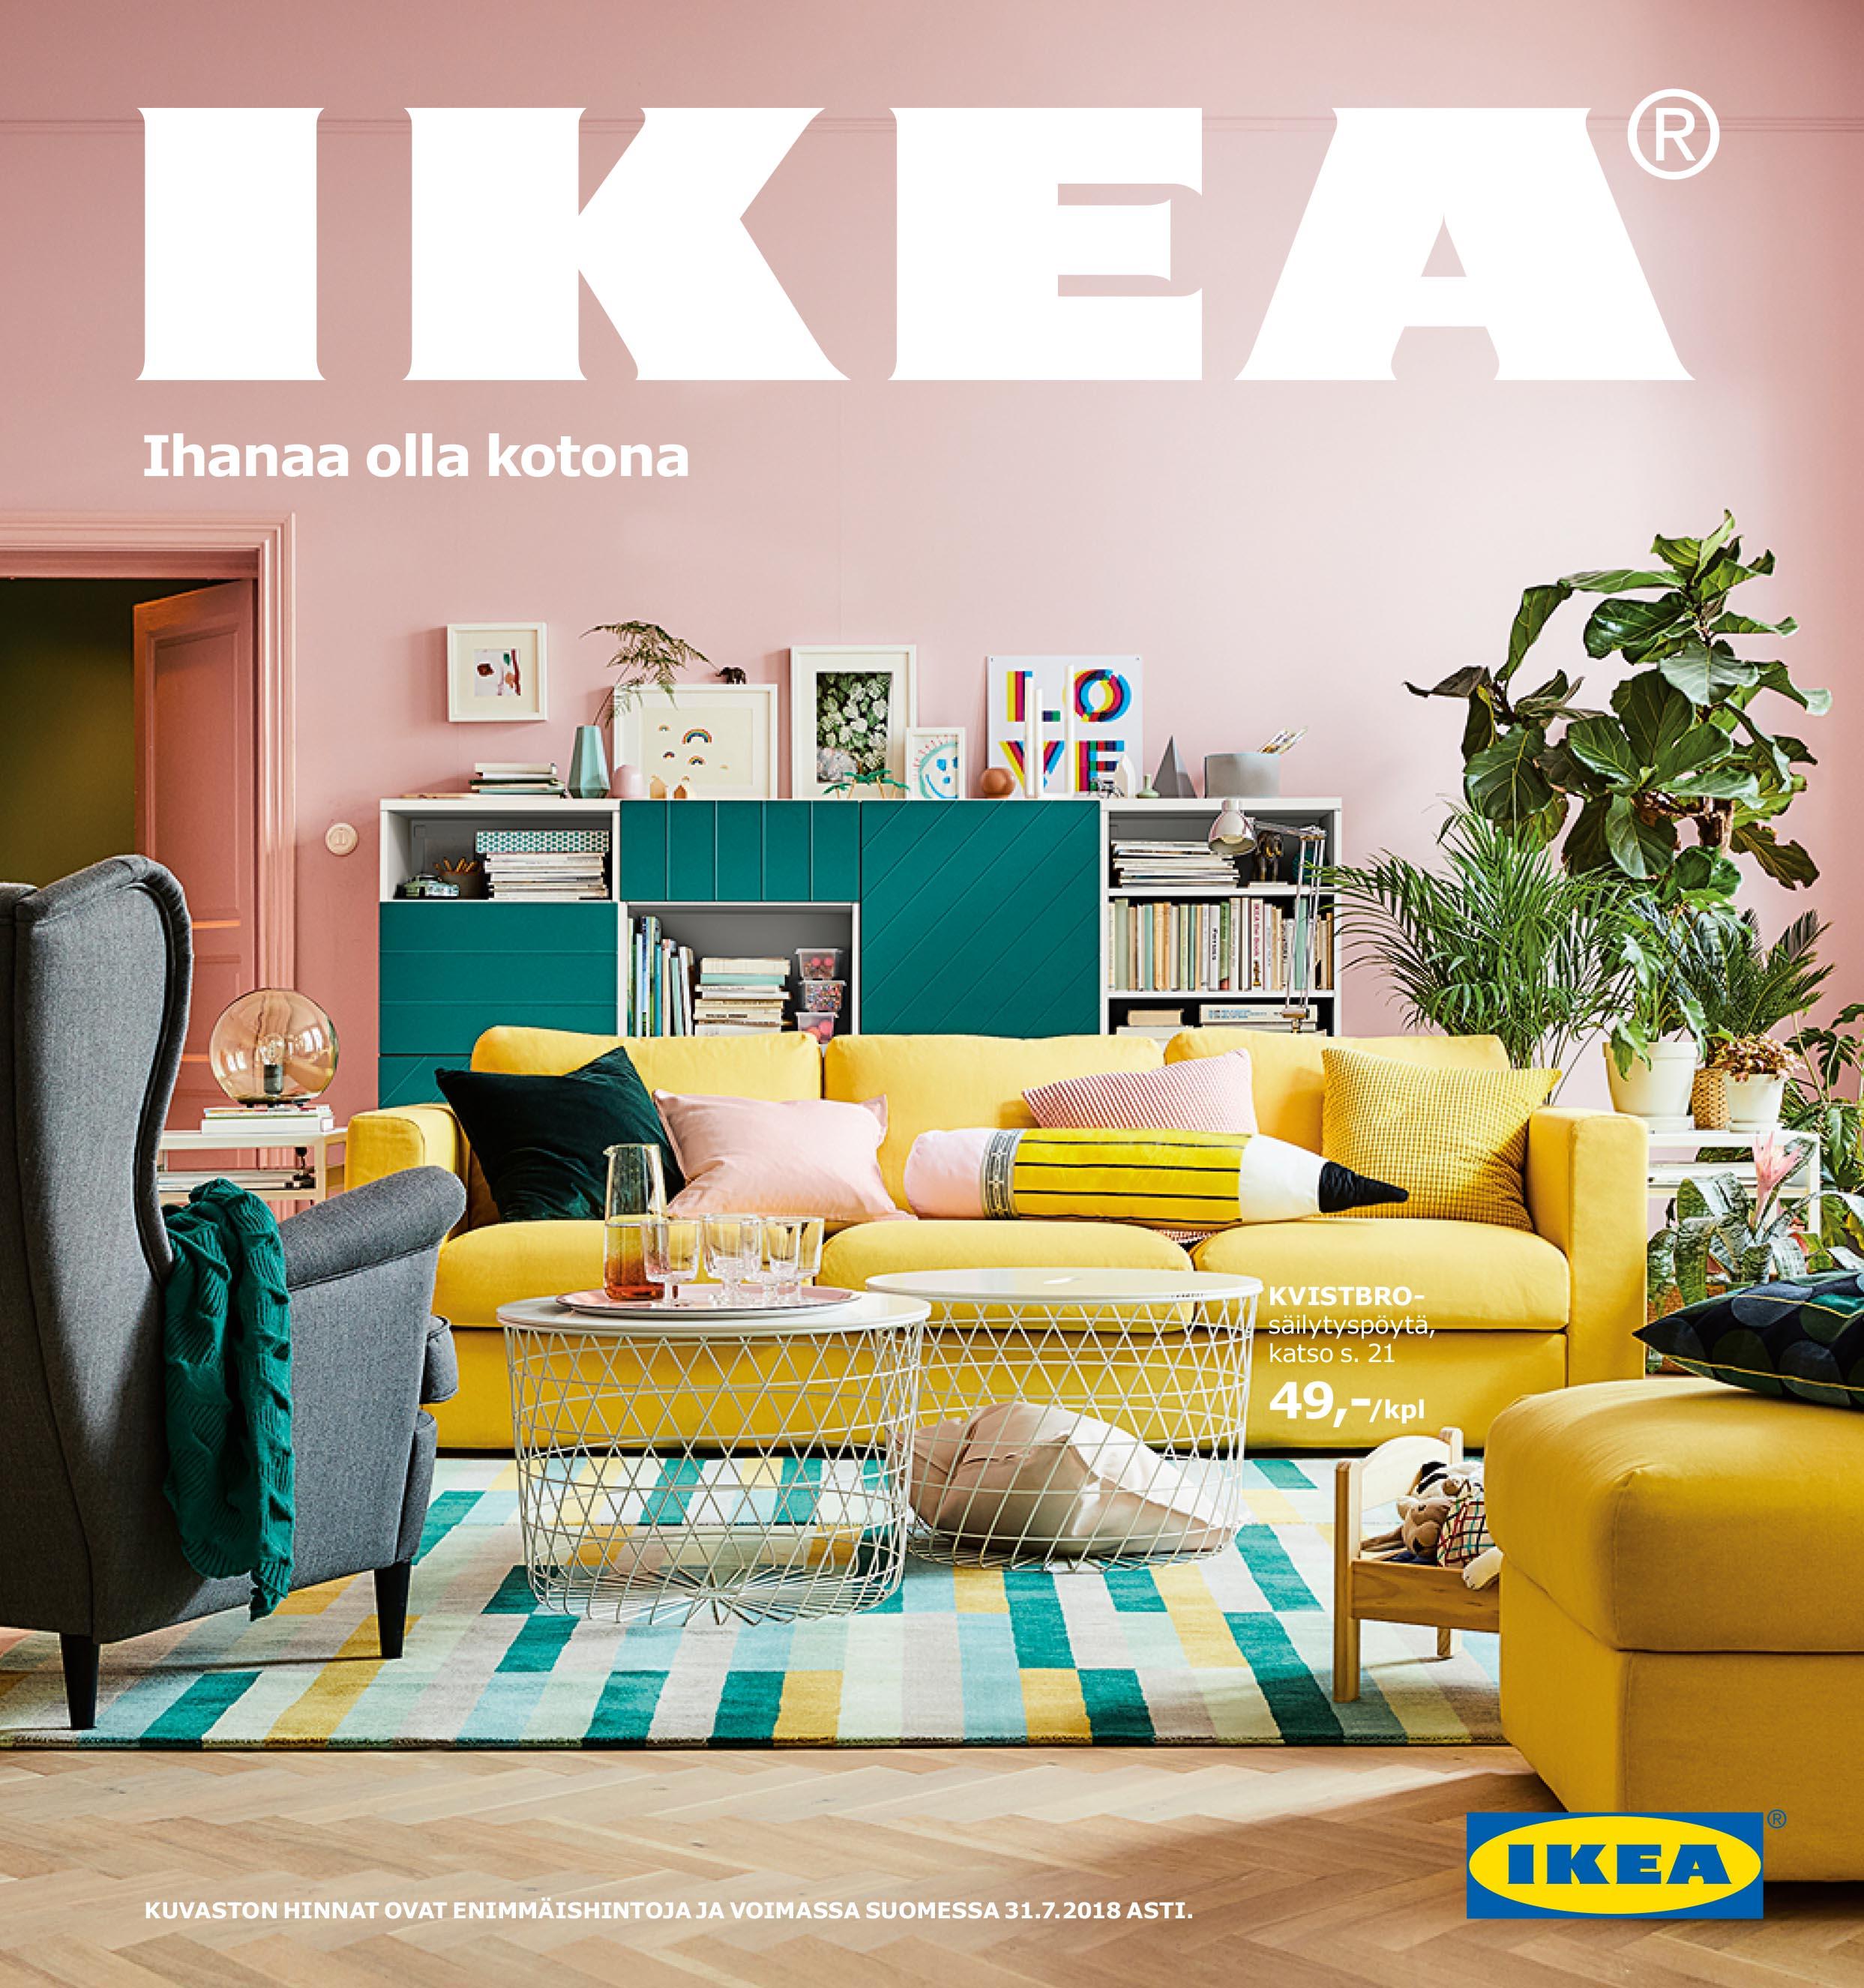 ikea joulu 2018 kuvasto Uusi IKEA kuvasto tuo elämän olohuoneeseen   ePressi ikea joulu 2018 kuvasto